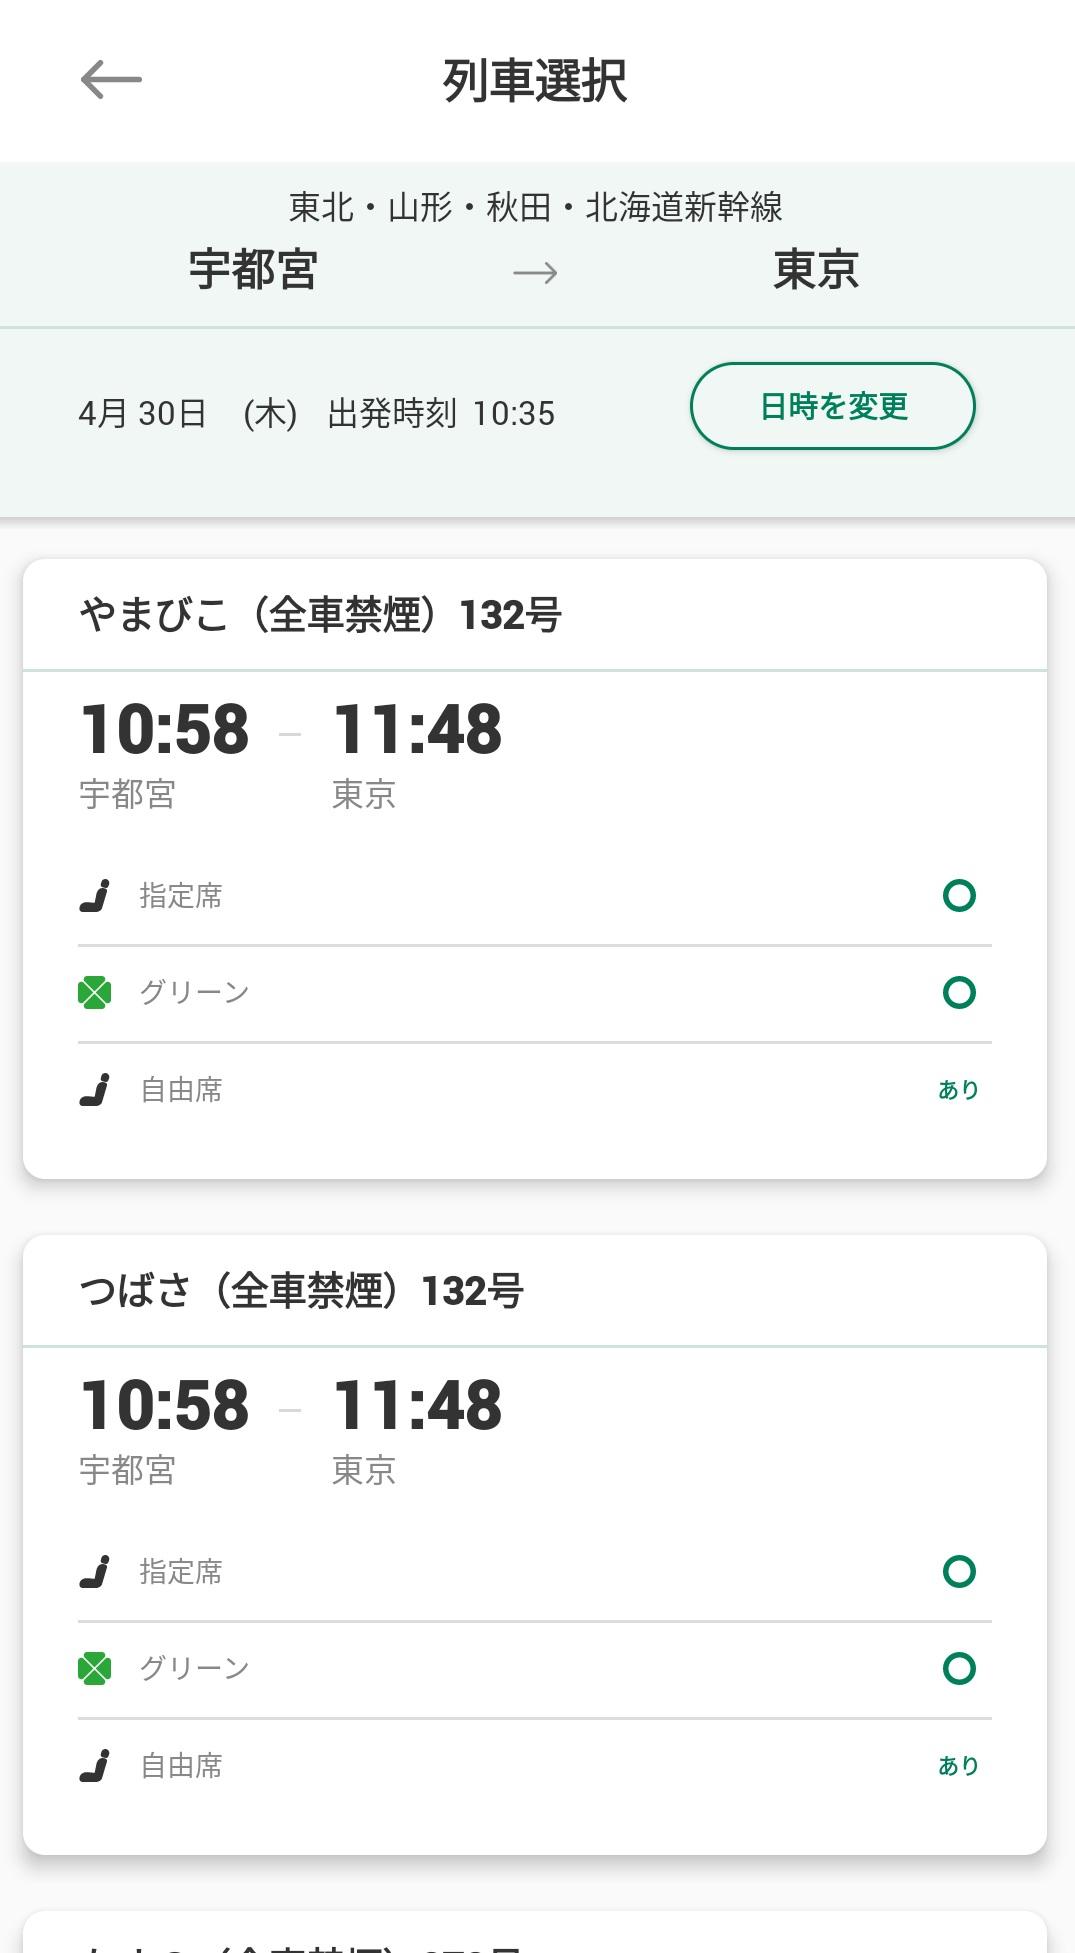 えきねっとアプリ乗りたい新幹線の便を選択